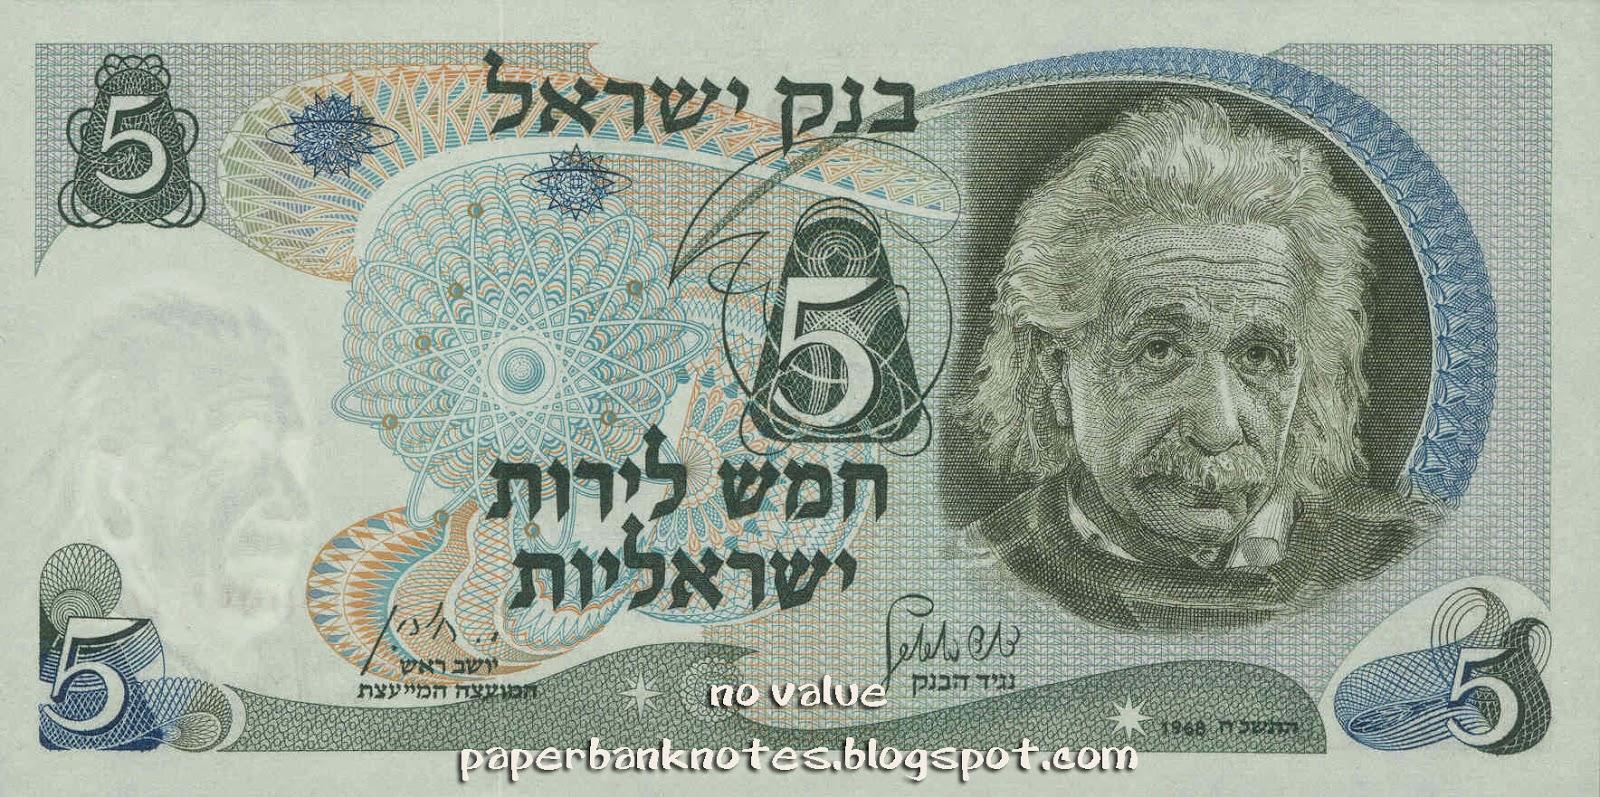 http://asiabanknotes.blogspot.com/2010/10/israel-5-lirot-1968.html